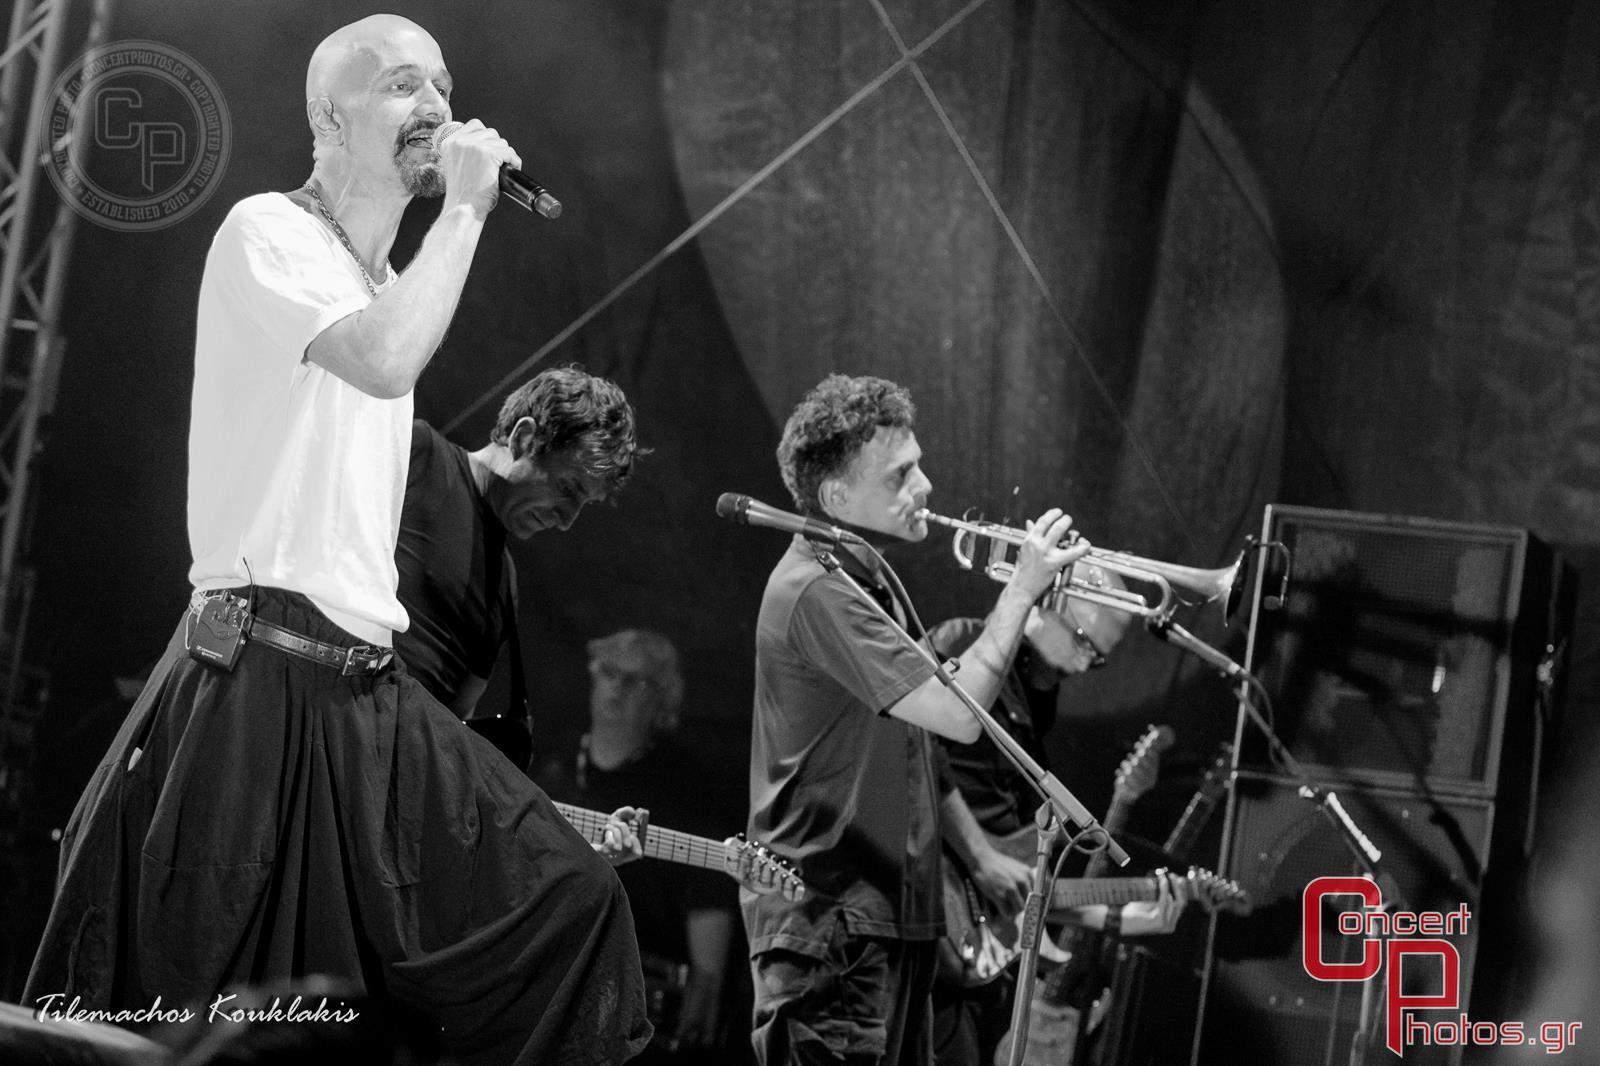 James & Moan-James-Theatro Vrachon photographer:  - Rockwave-2014-20